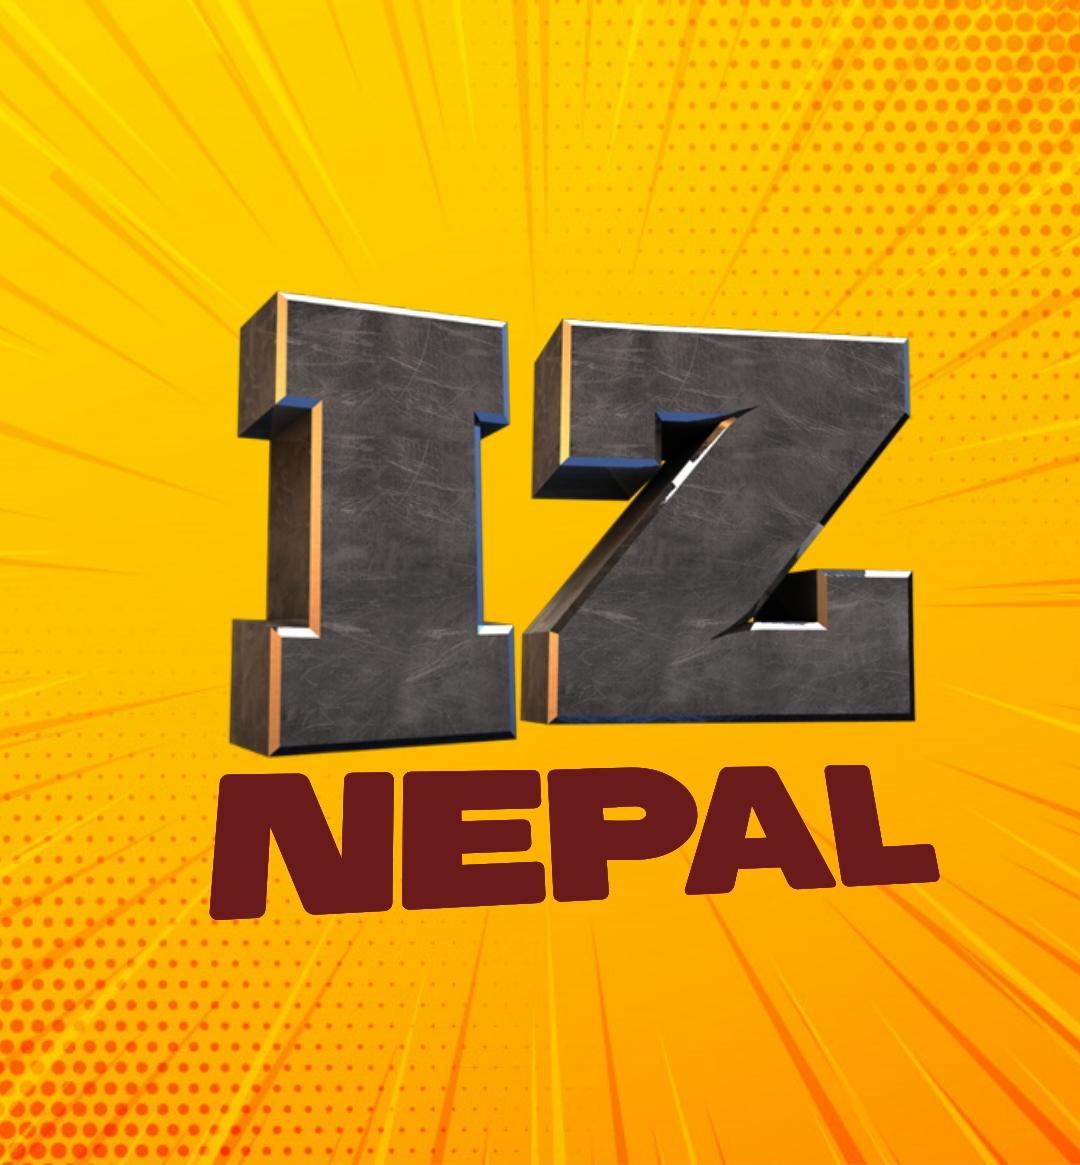 हिन्दुका मुख्य देवताका वास्तविकता यस्तो – Info zone nepal